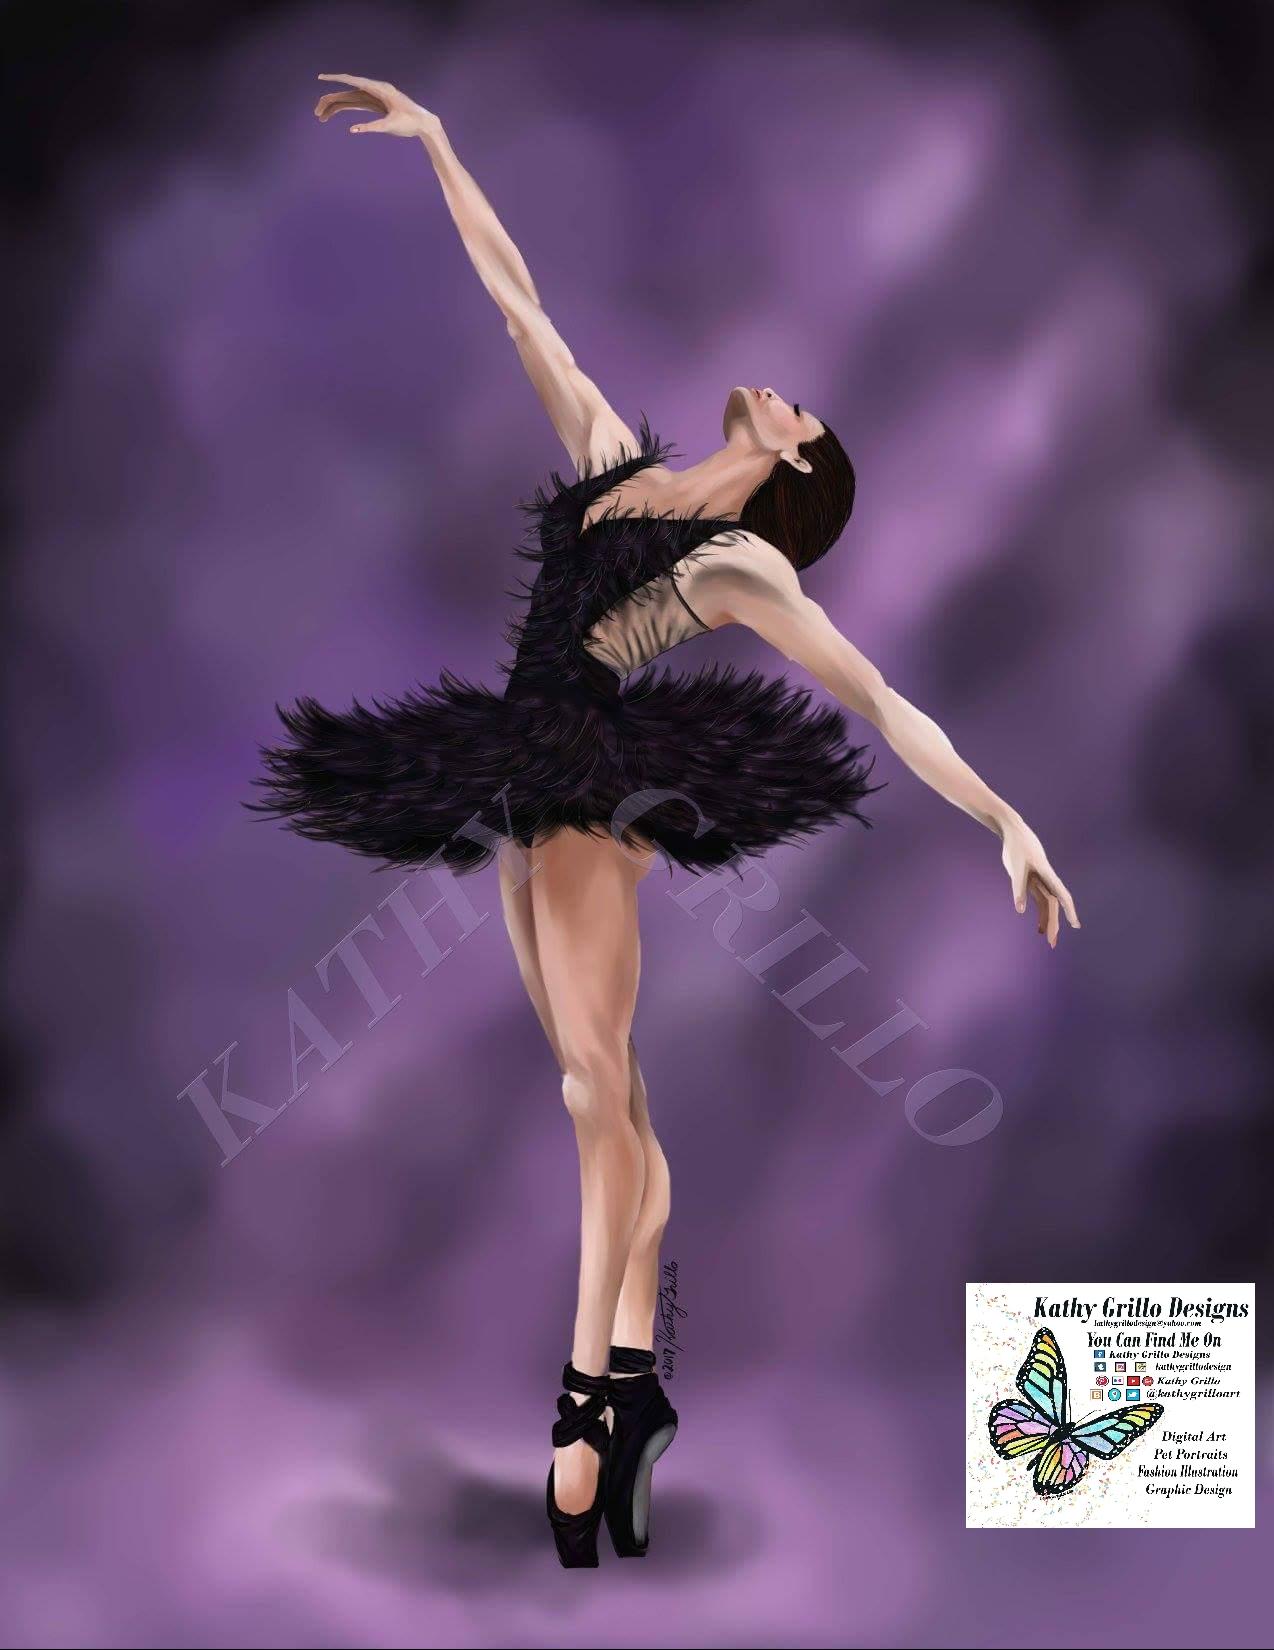 Ballerina, disegno di Kathy Grillo